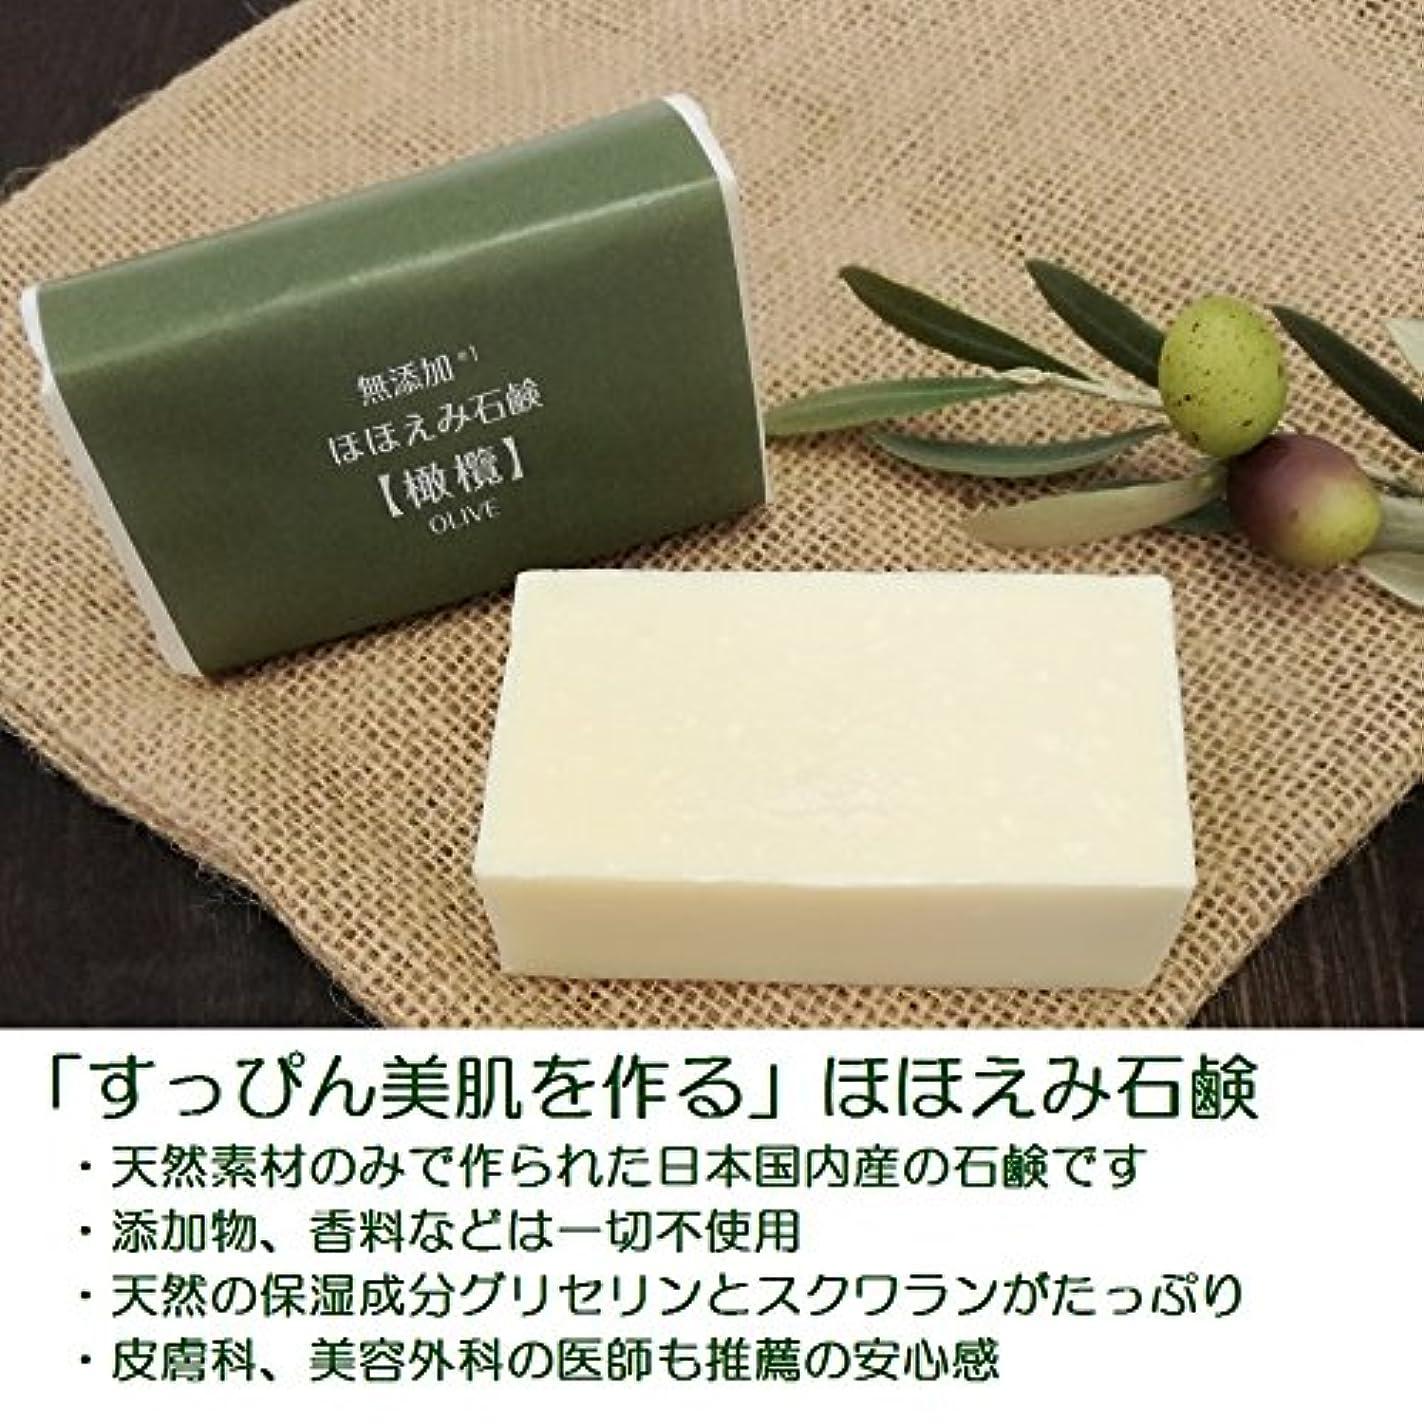 きらめき粗い強要すっぴん美肌を作る ほほえみ石鹸 オリーブ 無添加 オーガニック 日本製 80g